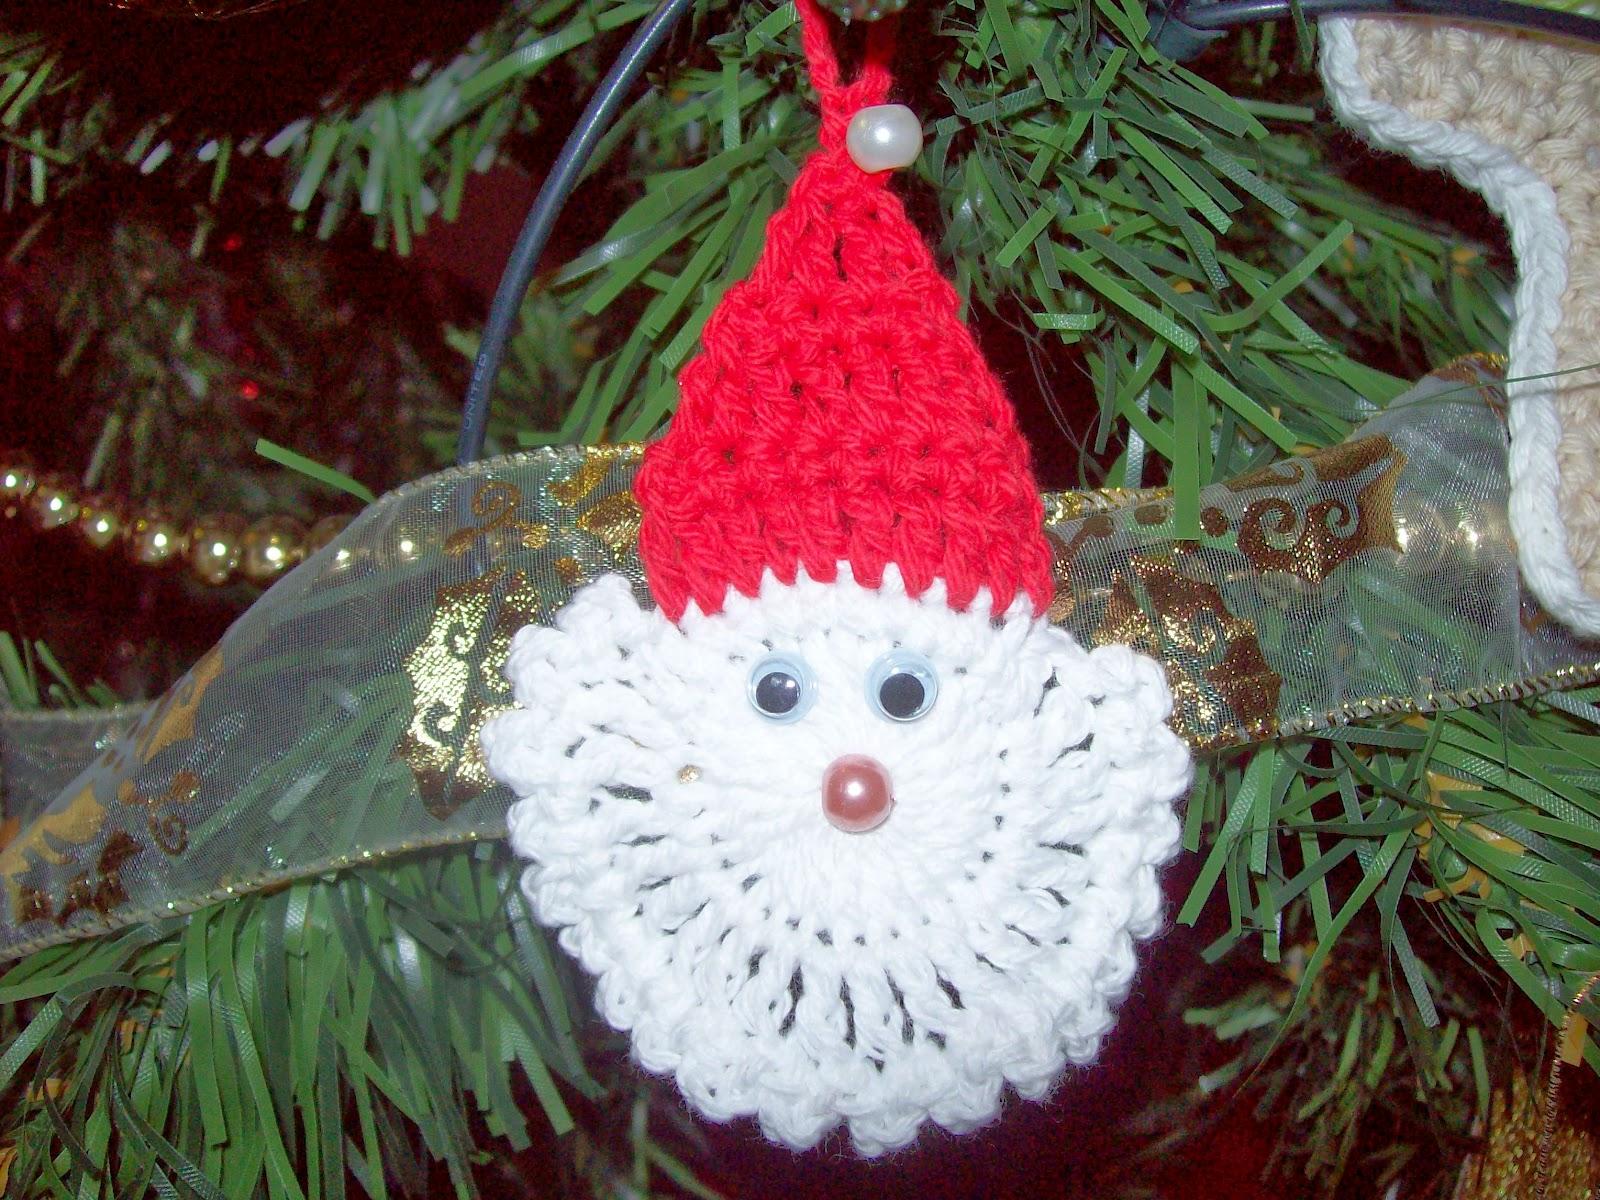 Crochet simple y delicado m s adornos navide os - Adornos navidenos crochet ...